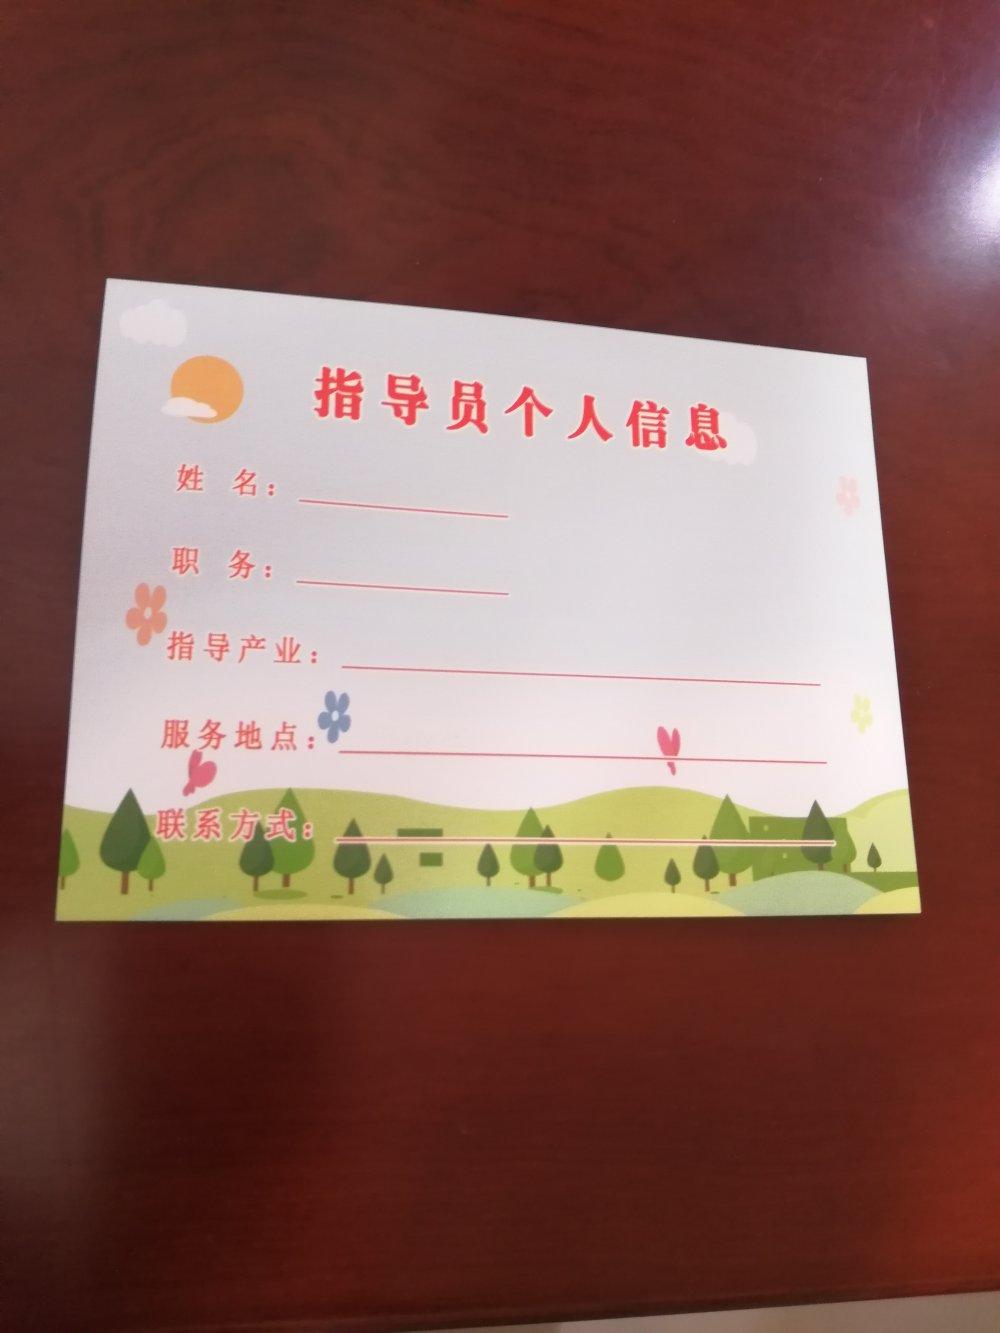 兴和县农牧和科技局举办精准扶贫产业指导员培训